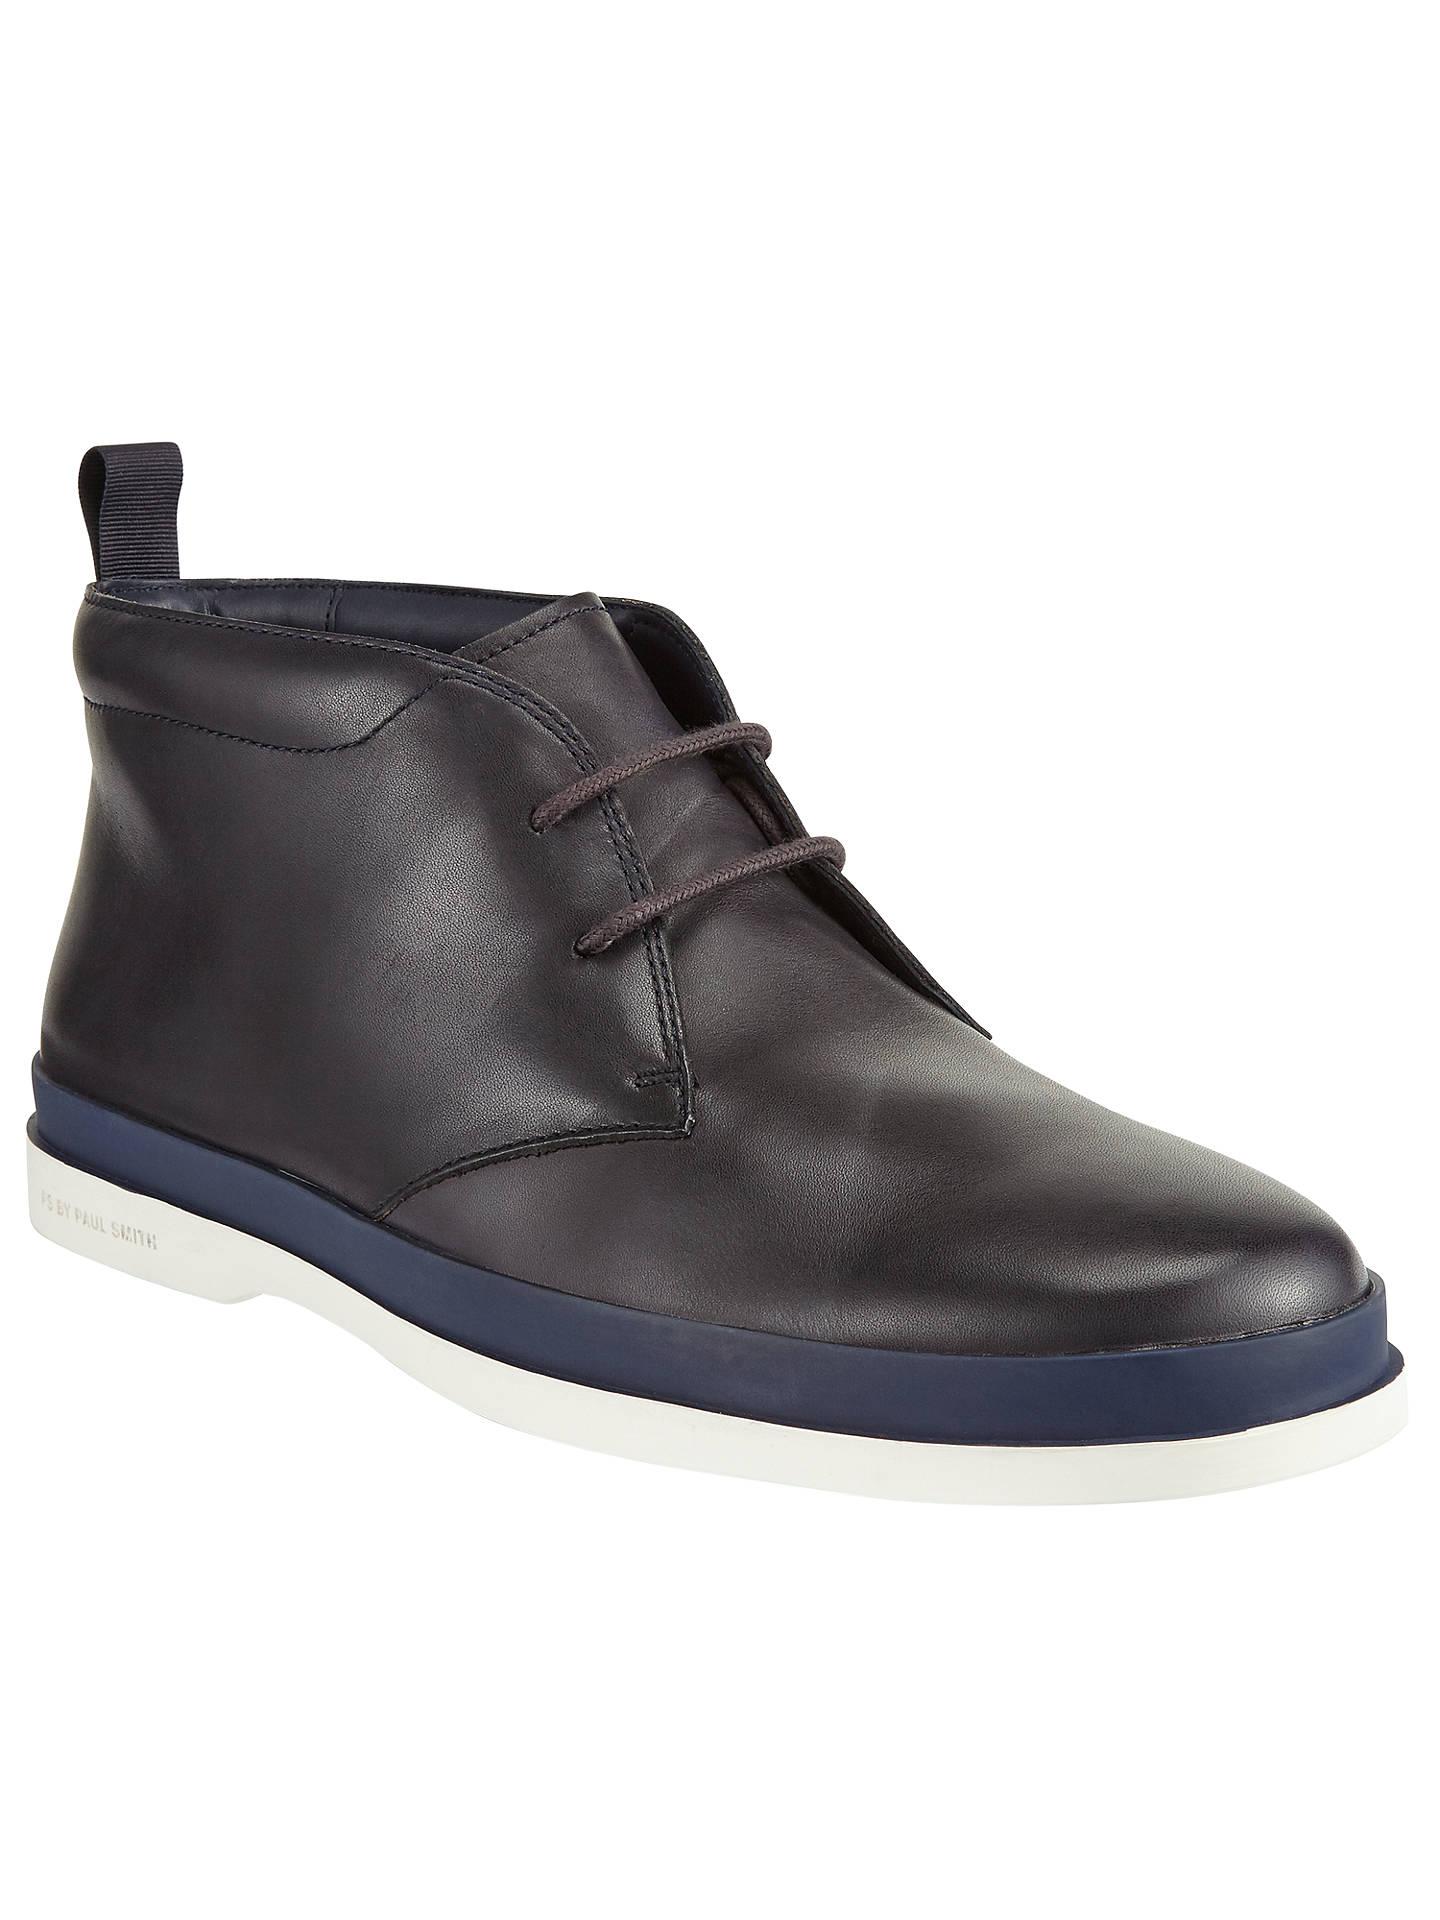 5e6f302e669 Paul Smith Inkie Chukka Boots, Navy at John Lewis & Partners